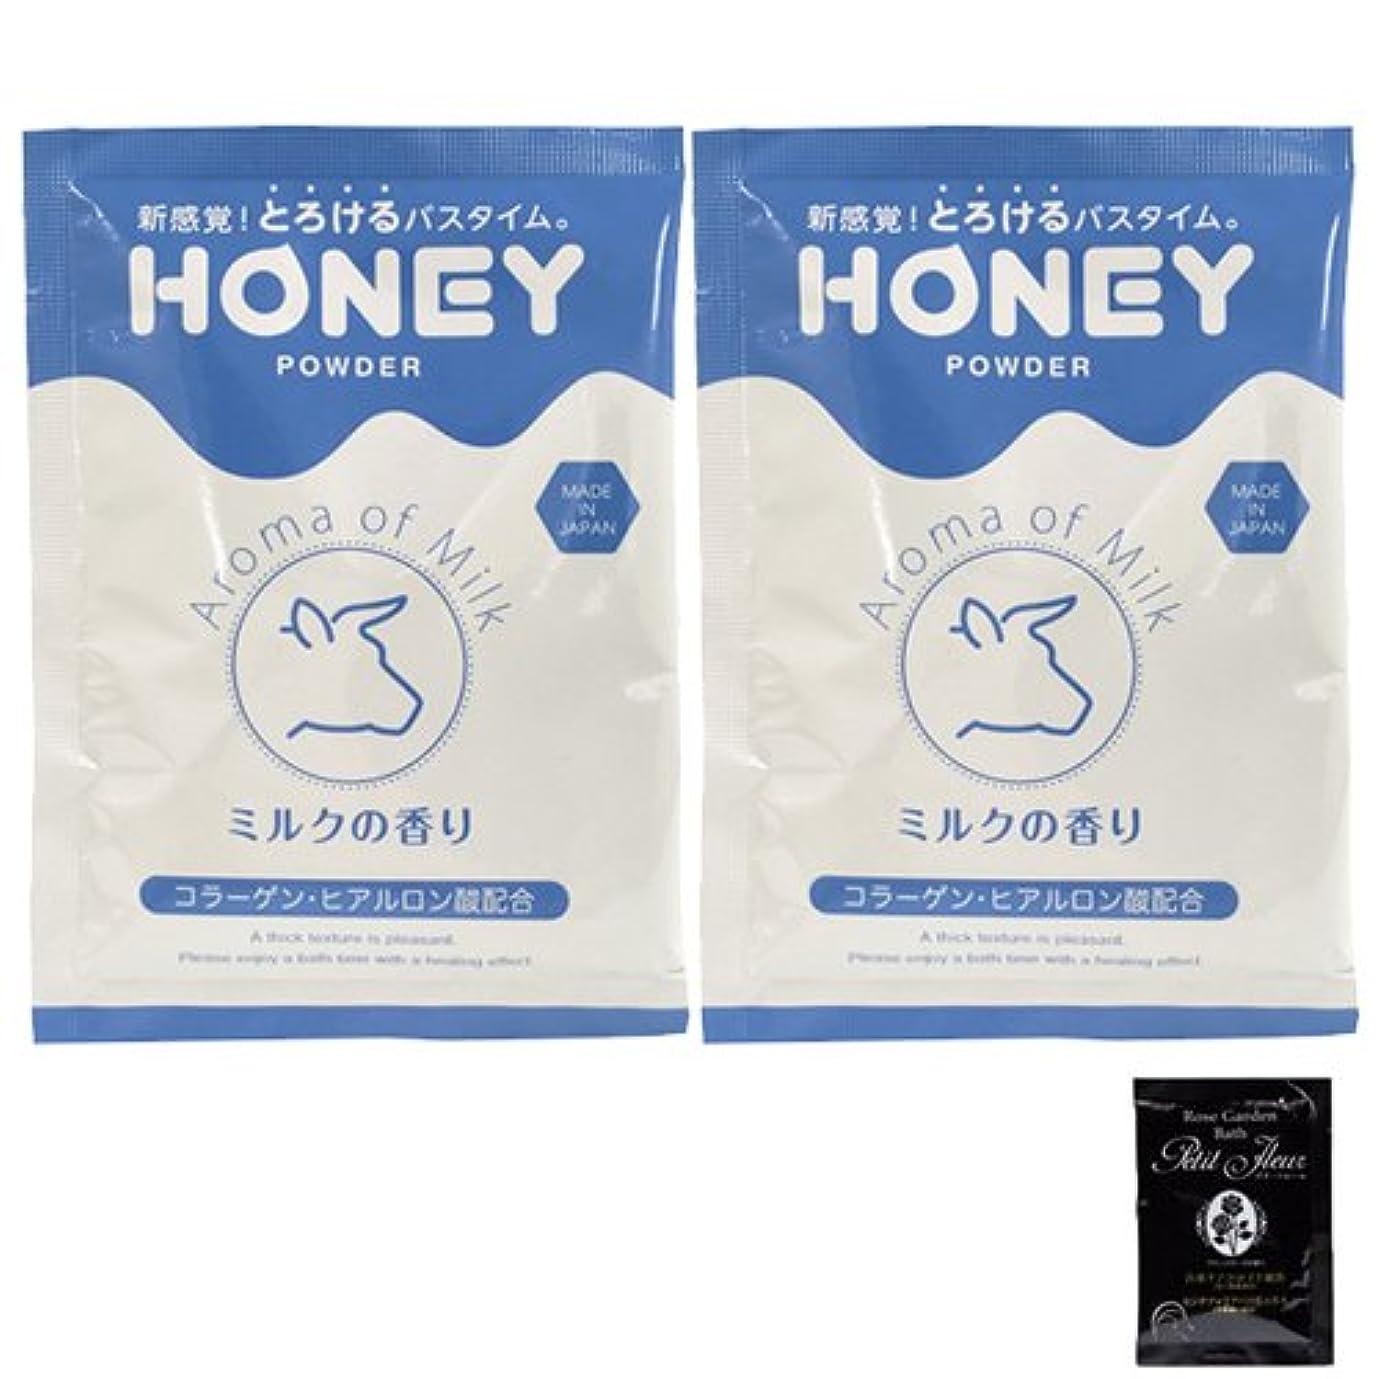 ちょっと待って素子フットボール【honey powder】(ハニーパウダー) ミルクの香り 粉末タイプ×2個 + 入浴剤プチフルール1回分セット